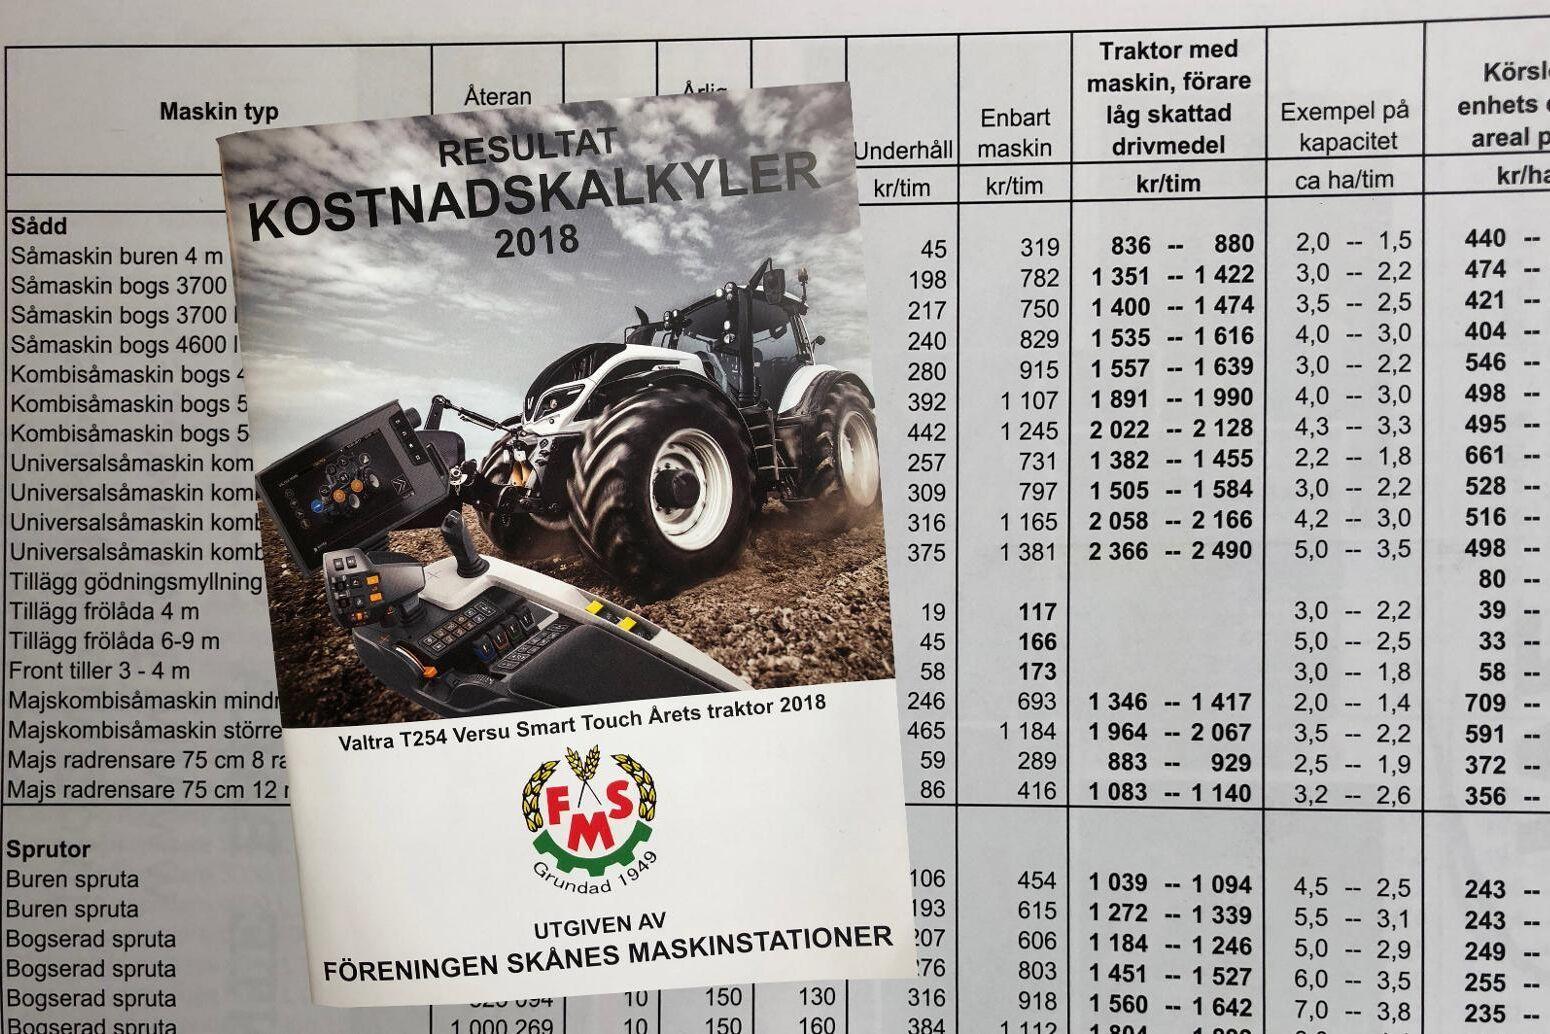 Skånes Maskinstationers maskinkalkylhäfte ska göra det lättare att räkna på investeringarna.